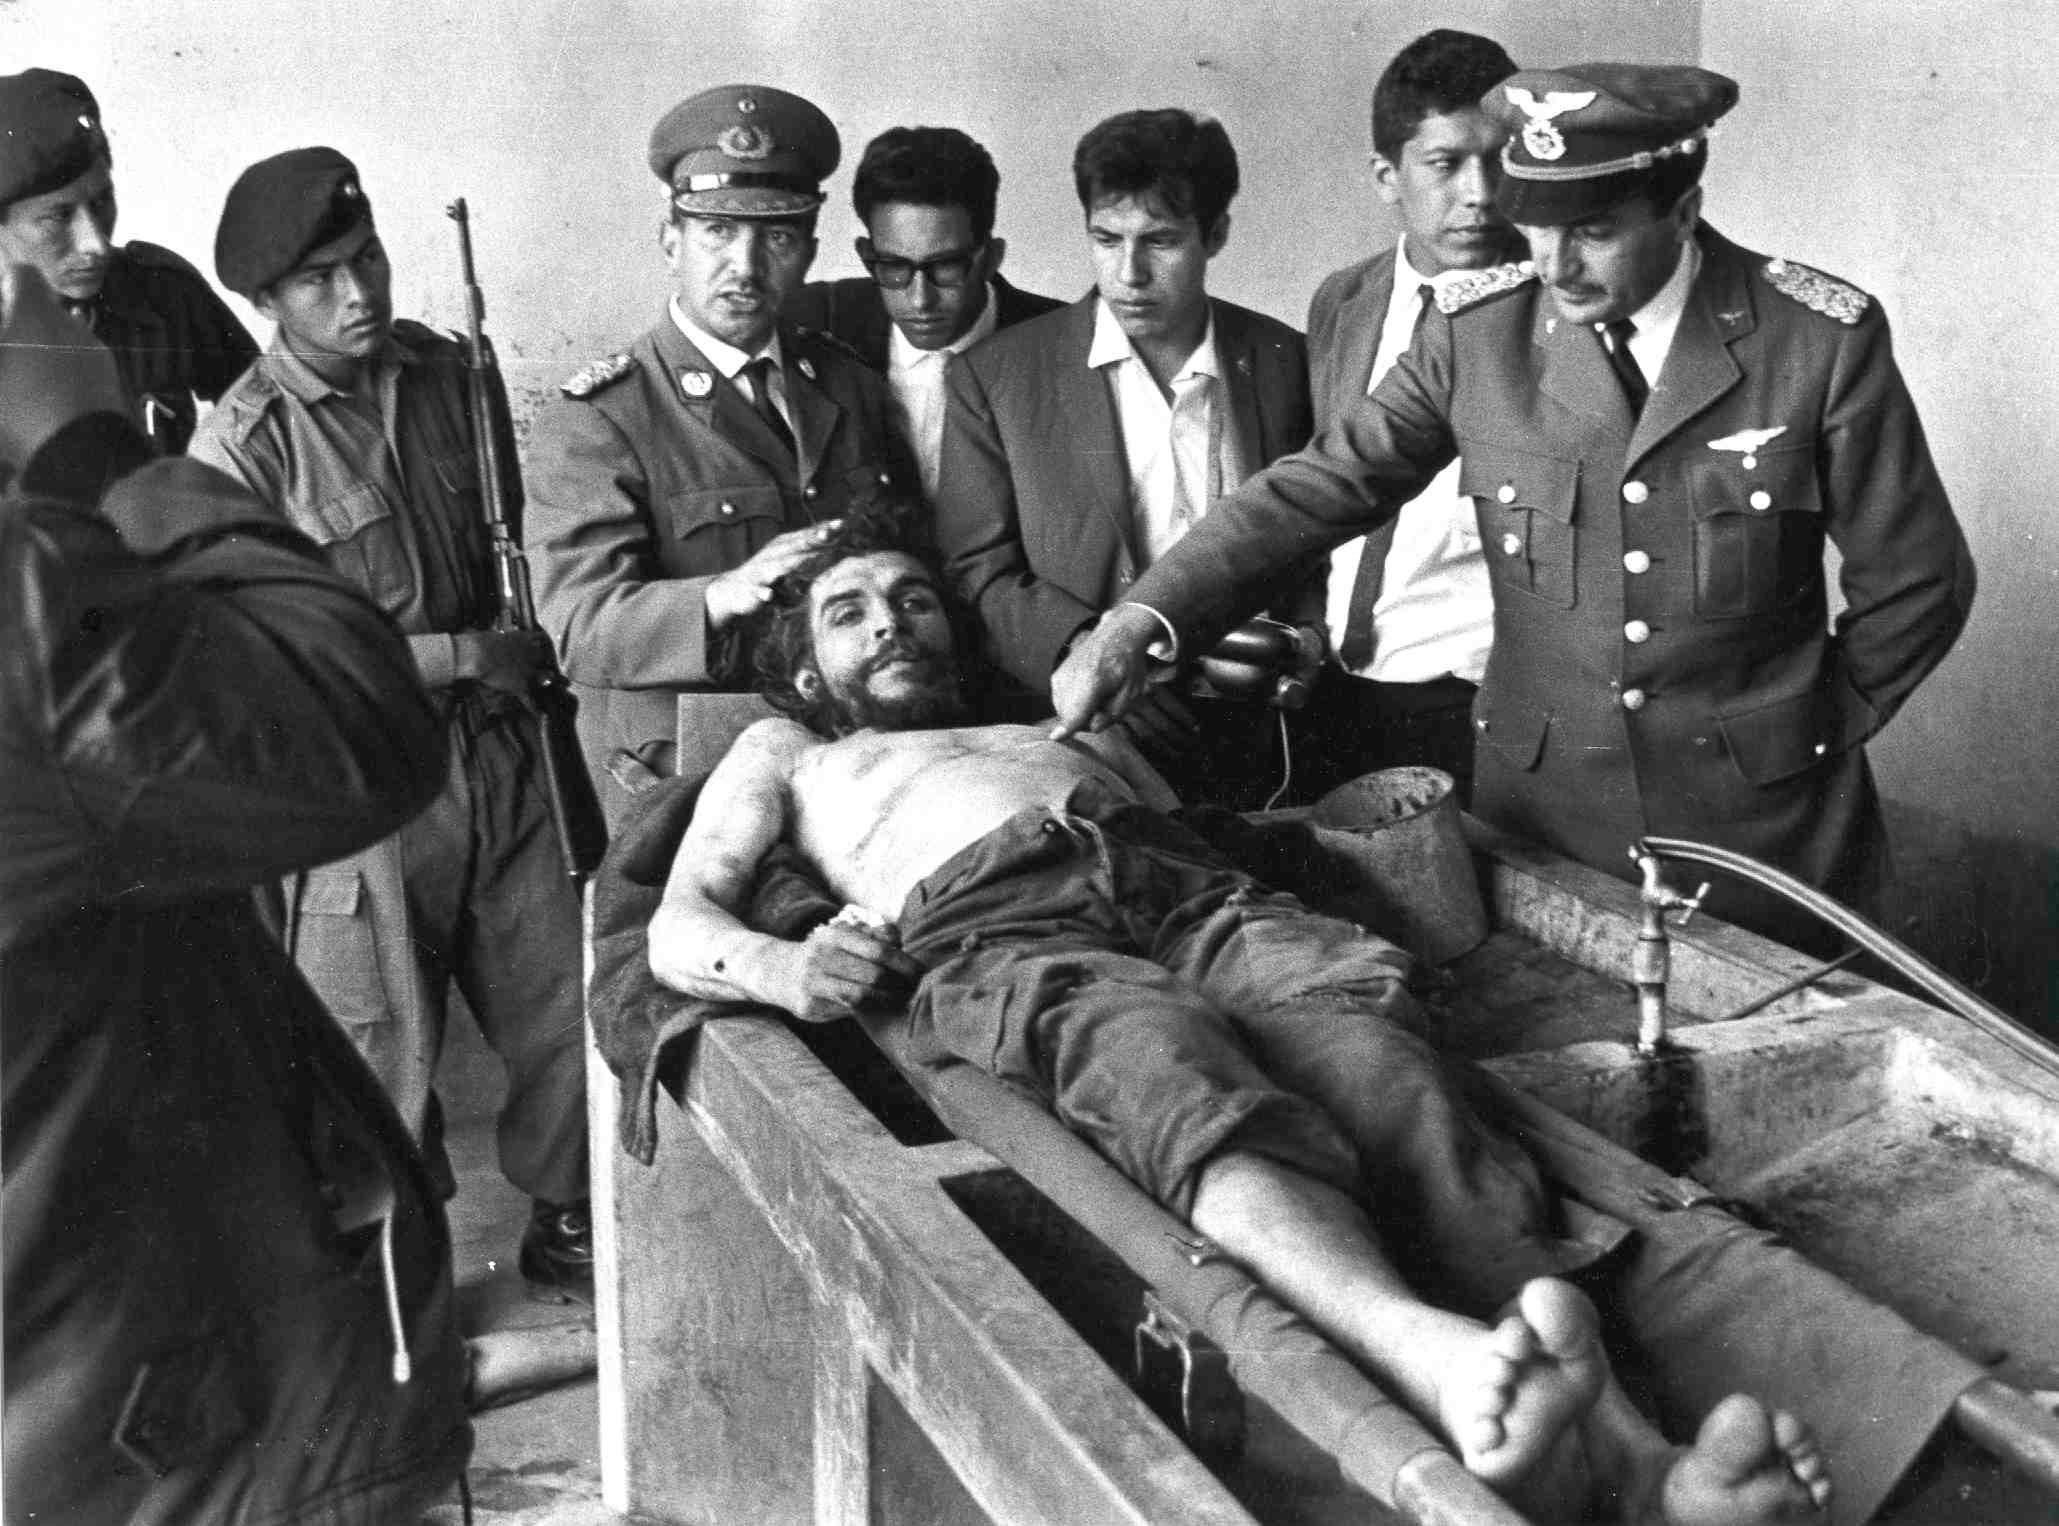 9 Οκτωβρίου: Σαν σήμερα δολοφονήθηκε ο Ερνέστο Τσε Γκεβάρα το 1967